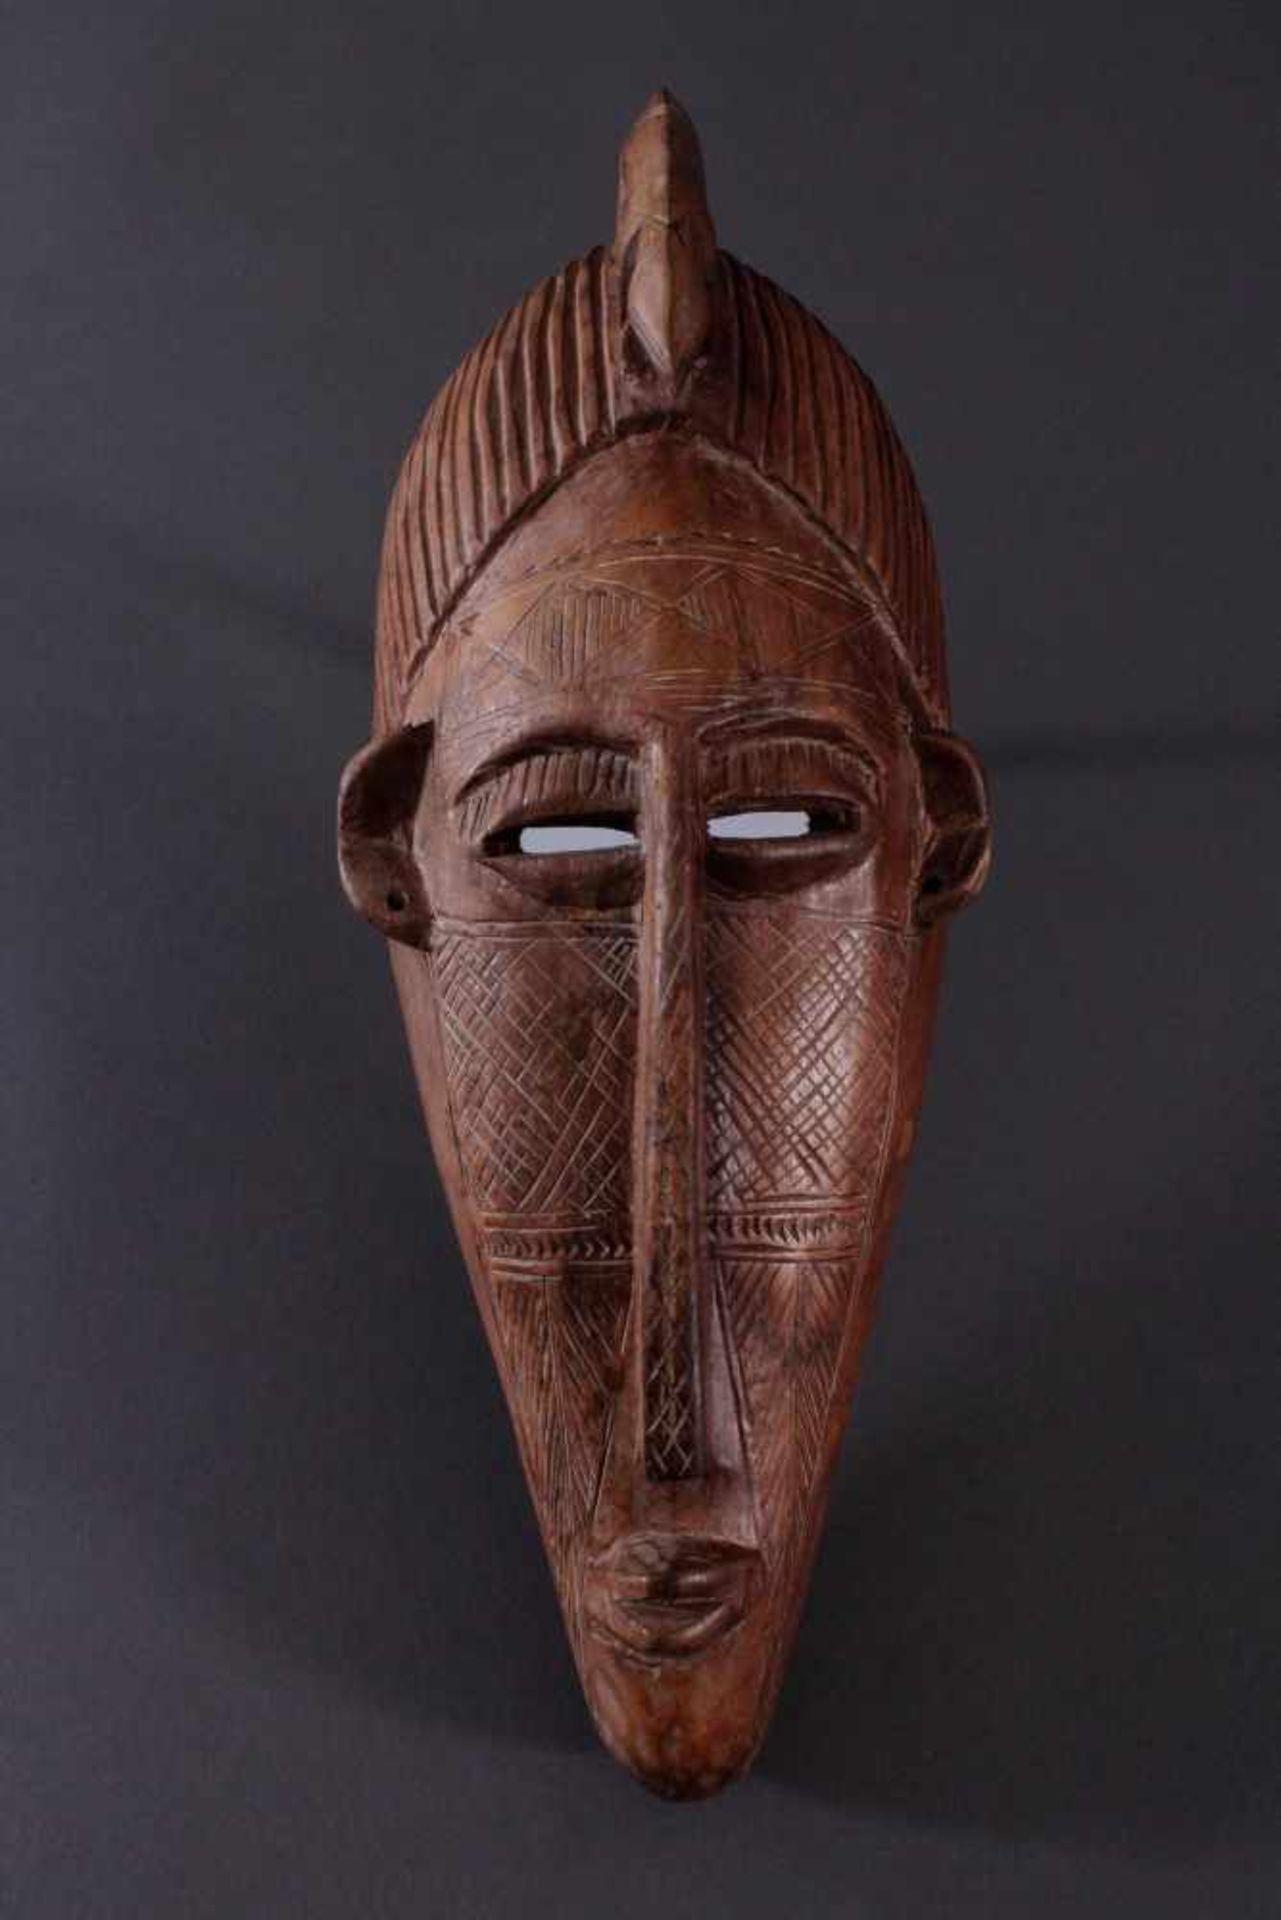 Antike Maske, Bambara, Mali 1. Hälfte 20. Jh.Holz geschnitzt, Musterritzungen, mit Chamäleon-